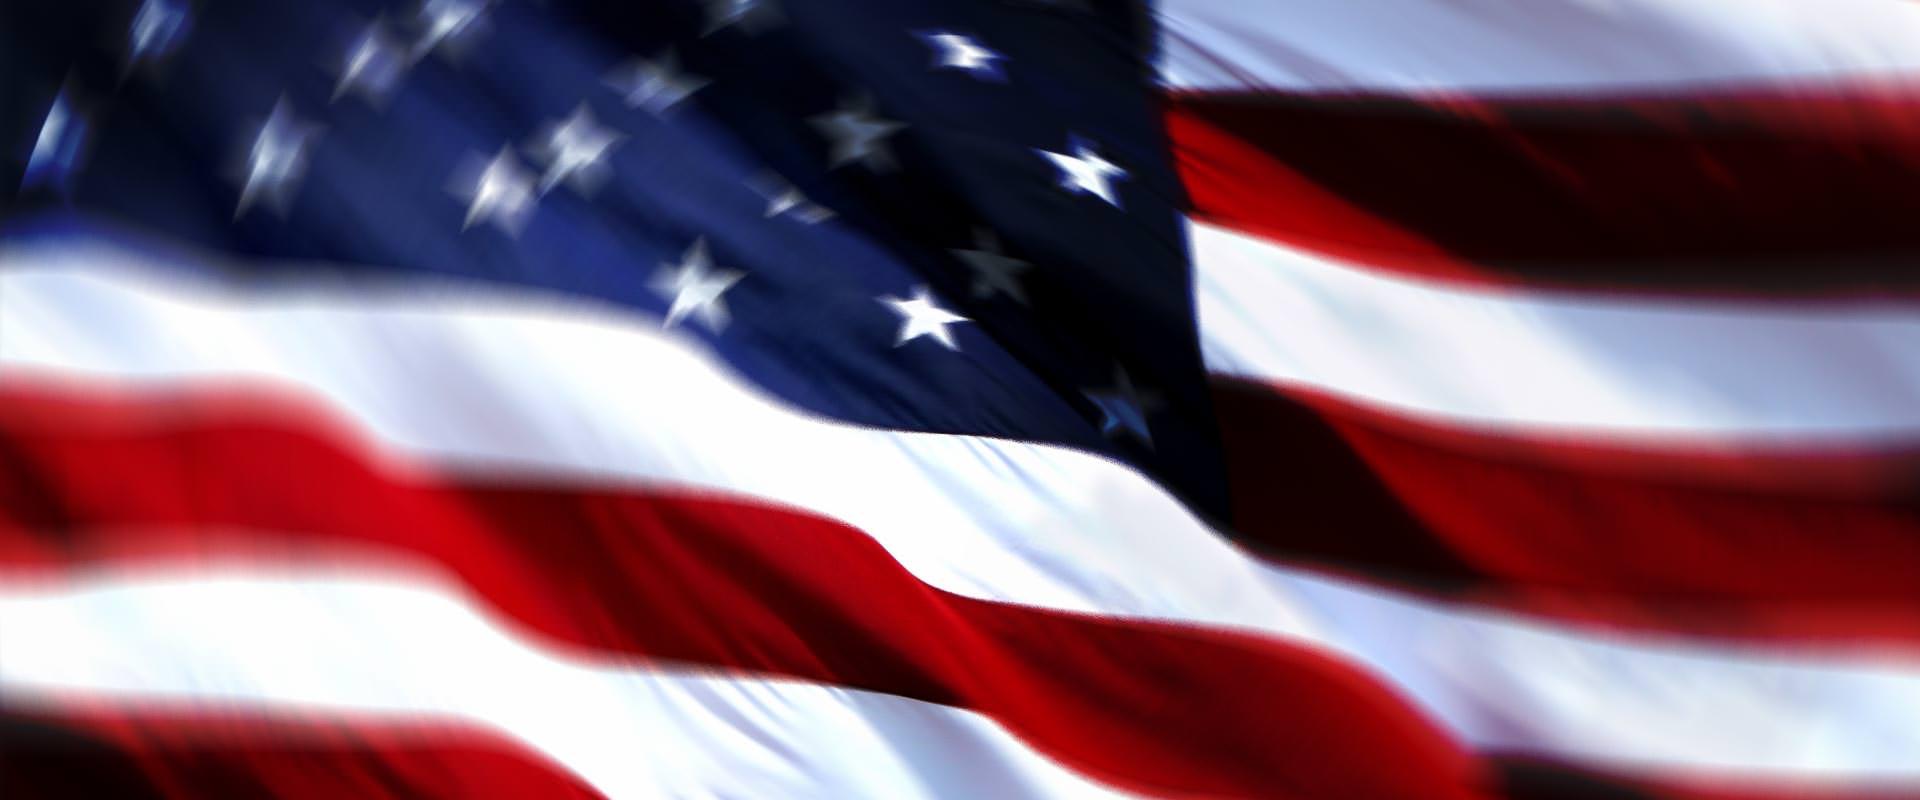 slider-bg-usa-flag1